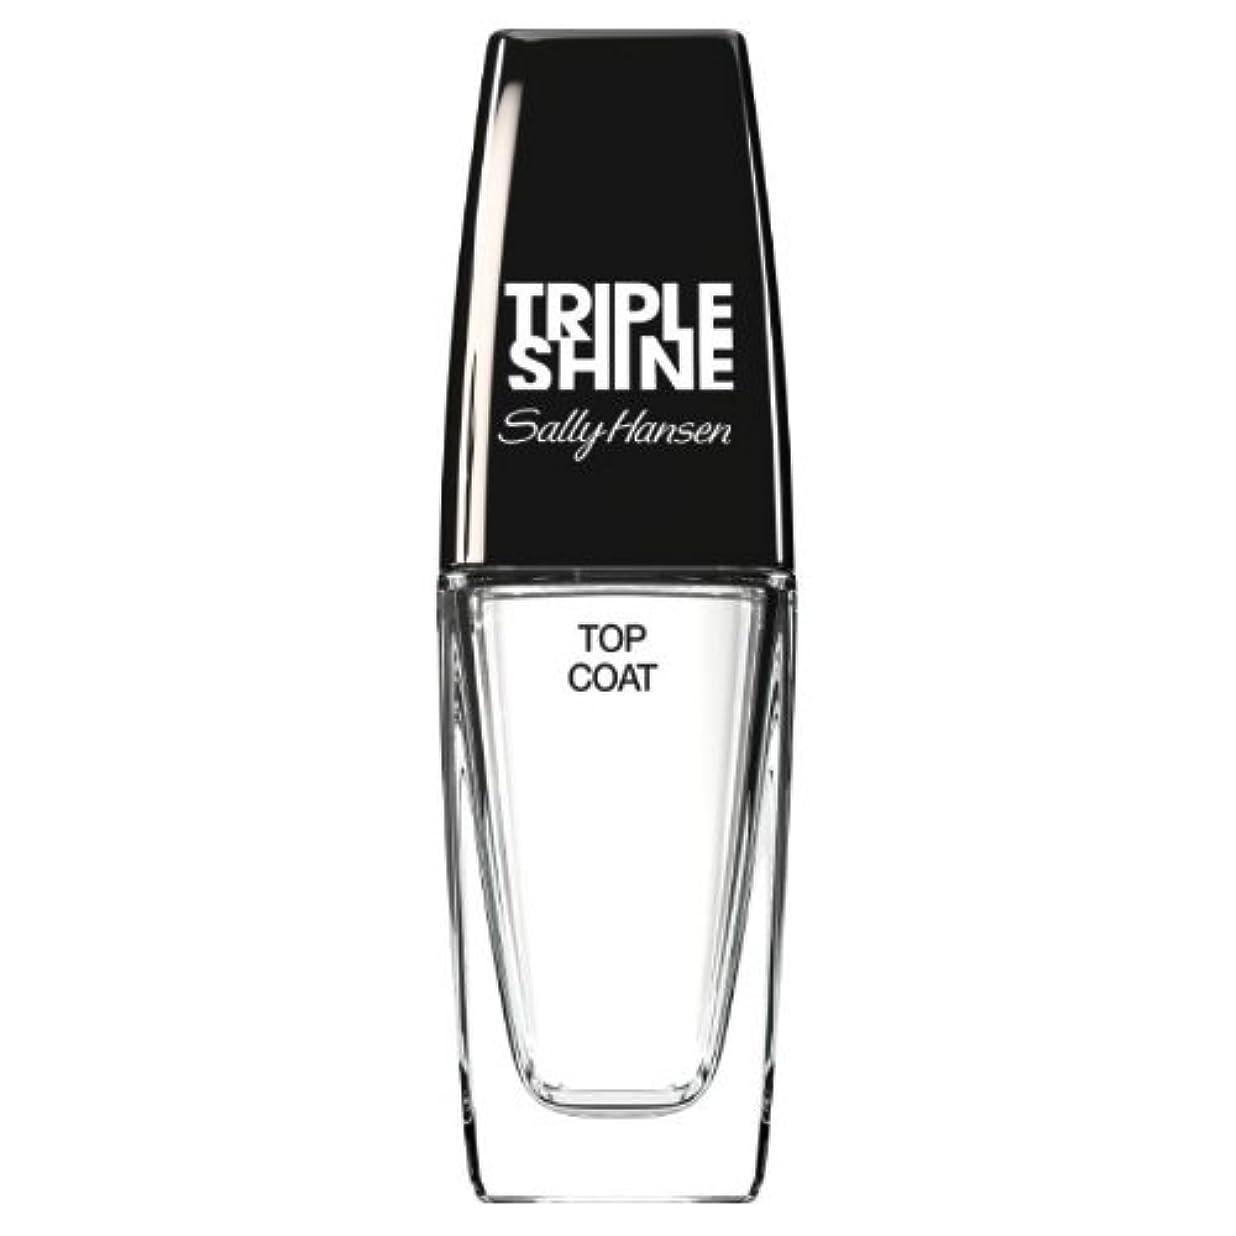 全滅させる合併症敵意(3 Pack) SALLY HANSEN Triple Shine Top Coat - Triple Shine Top Coat (並行輸入品)